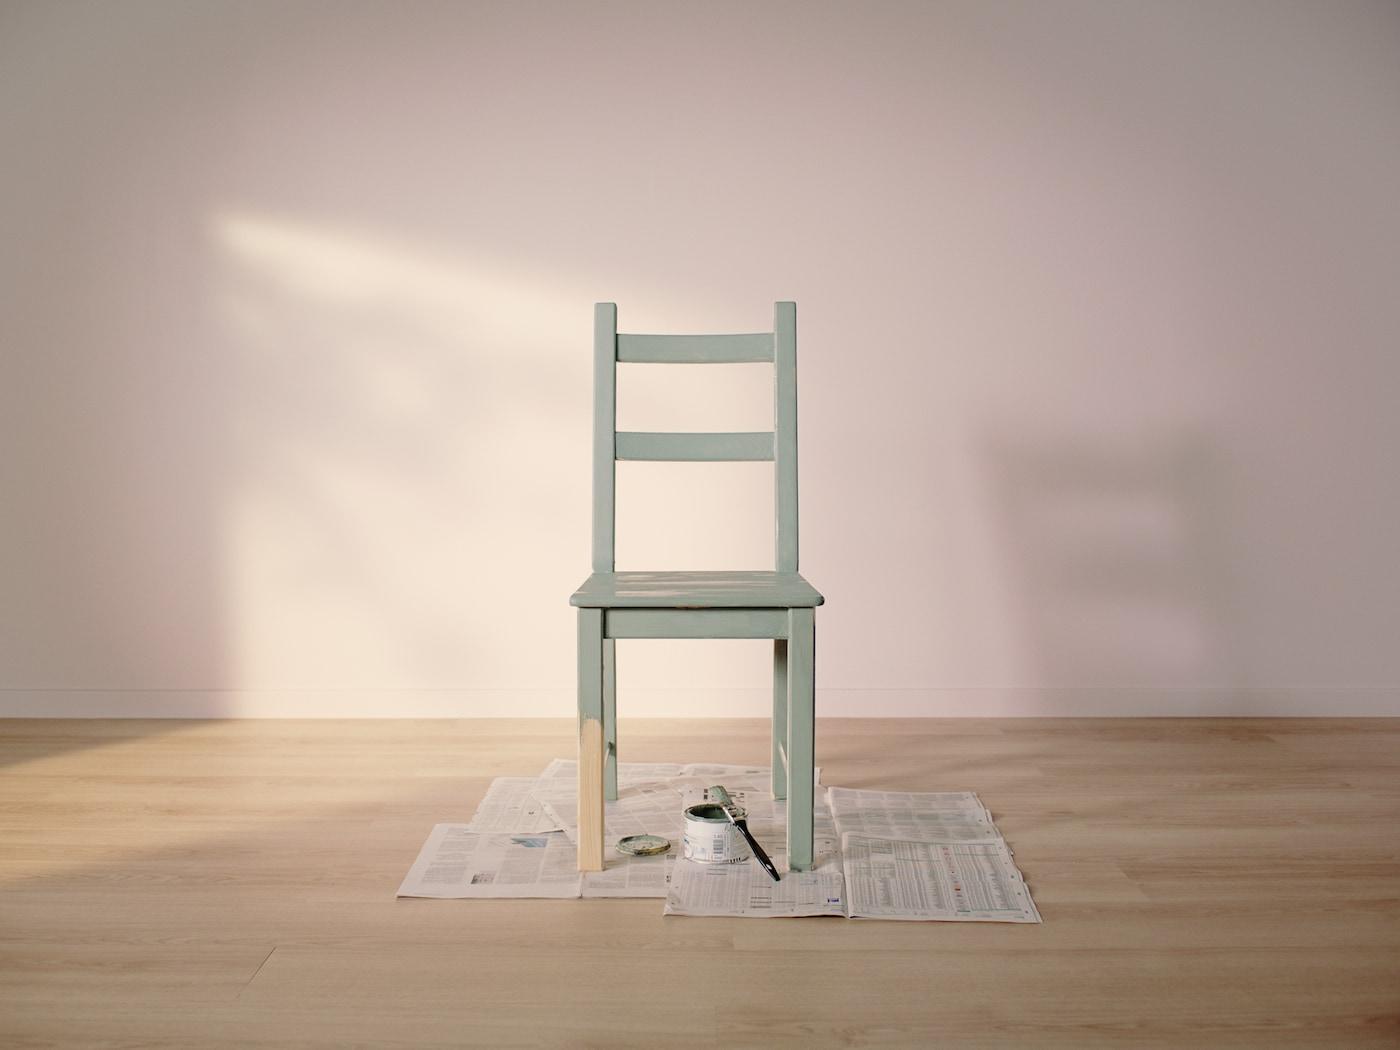 Une chaise en pin IVAR peinte en vert, sauf la moitié d'un pied, posée sur des feuilles de journaux avec un pot de peinture et un pinceau.